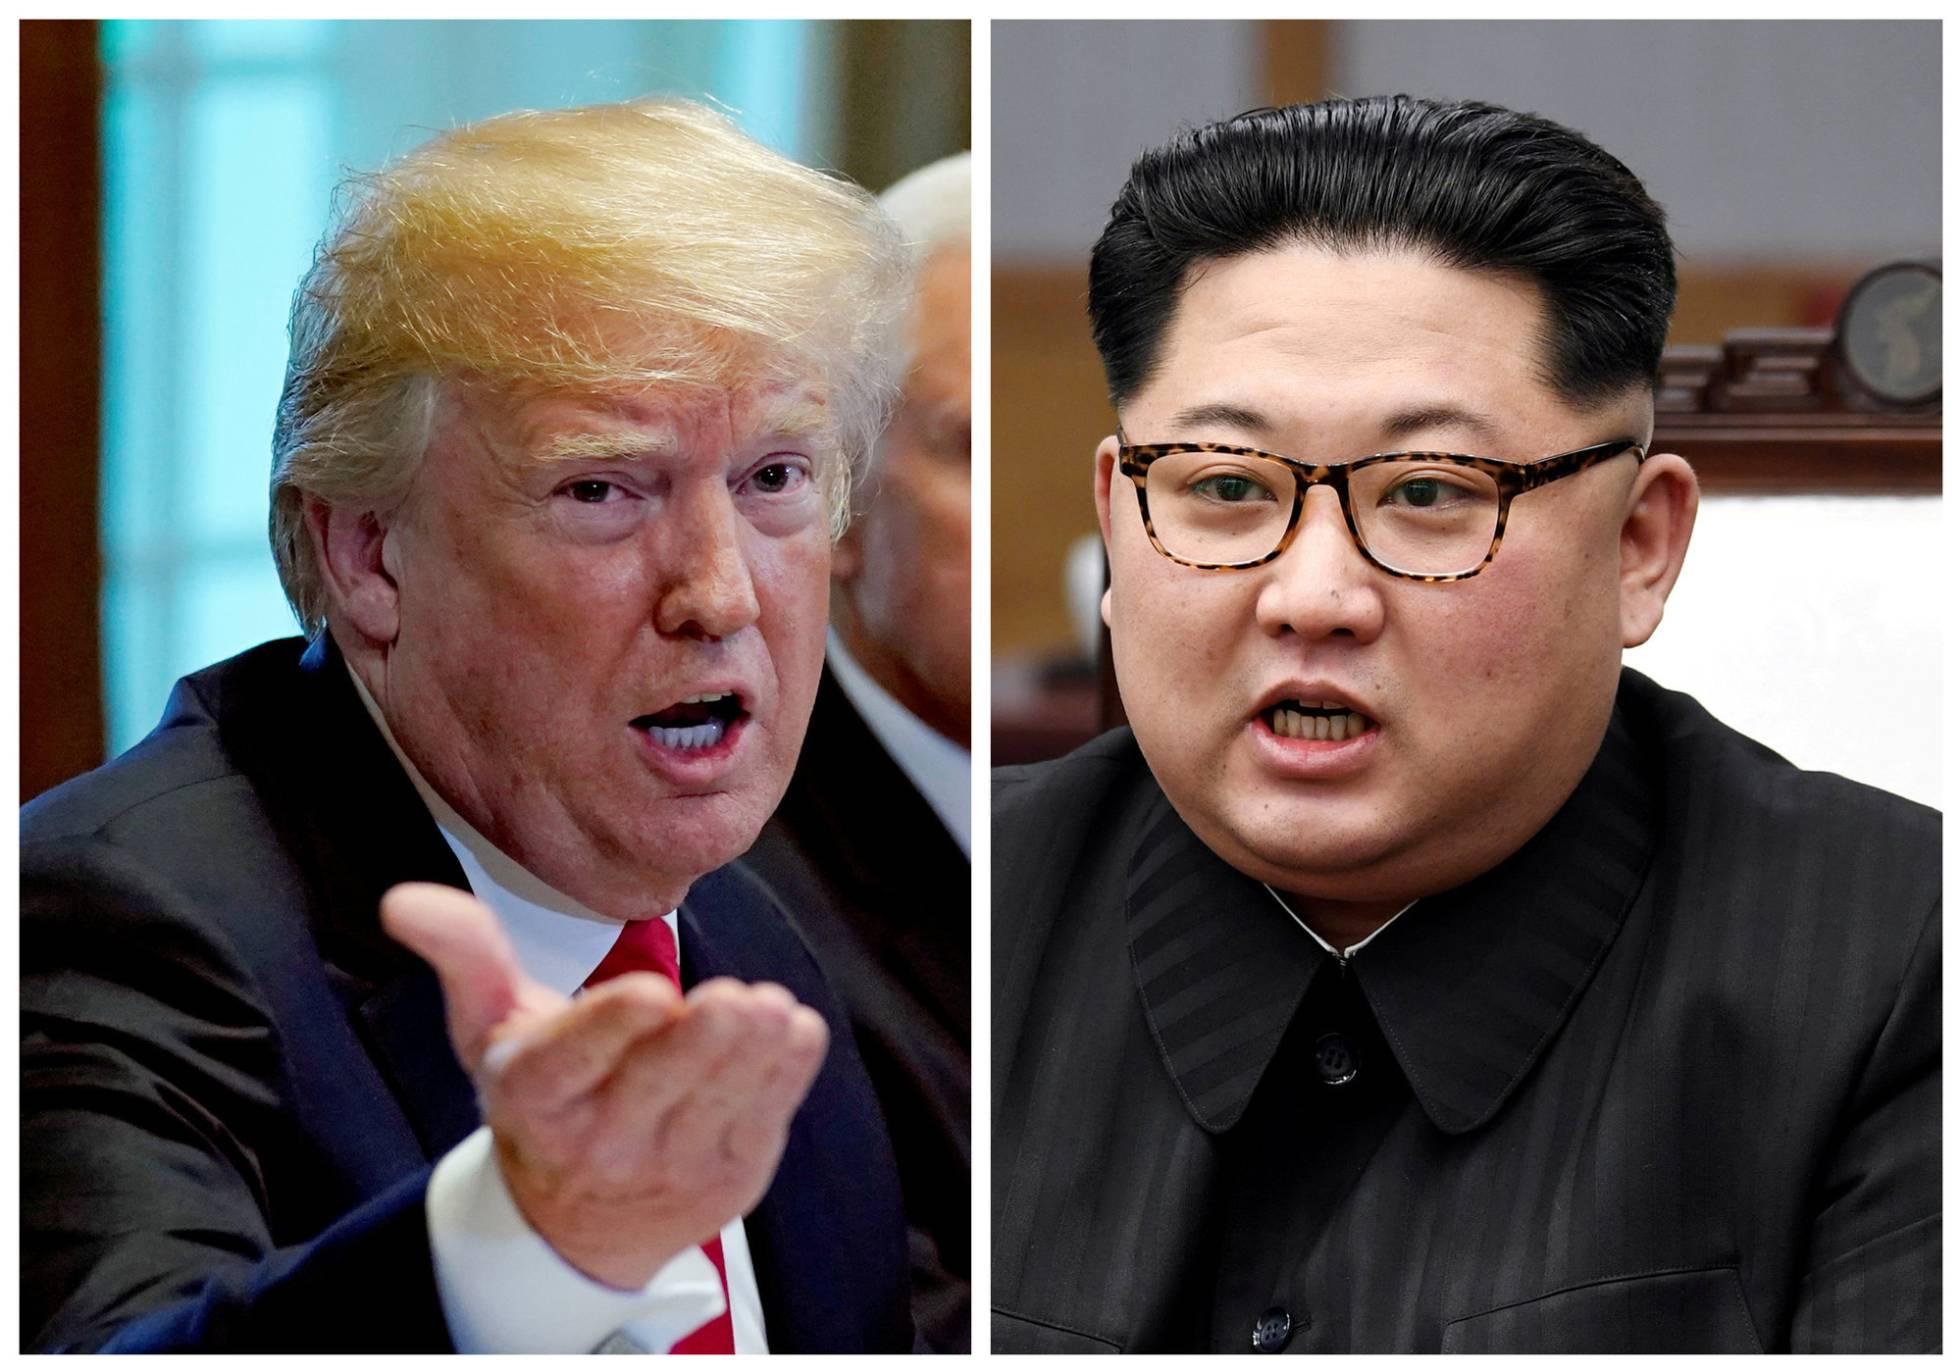 guerra - Corea Del Norte...¿La guerra se acerca? - Página 30 1526598819_969491_1526599442_noticia_normal_recorte1